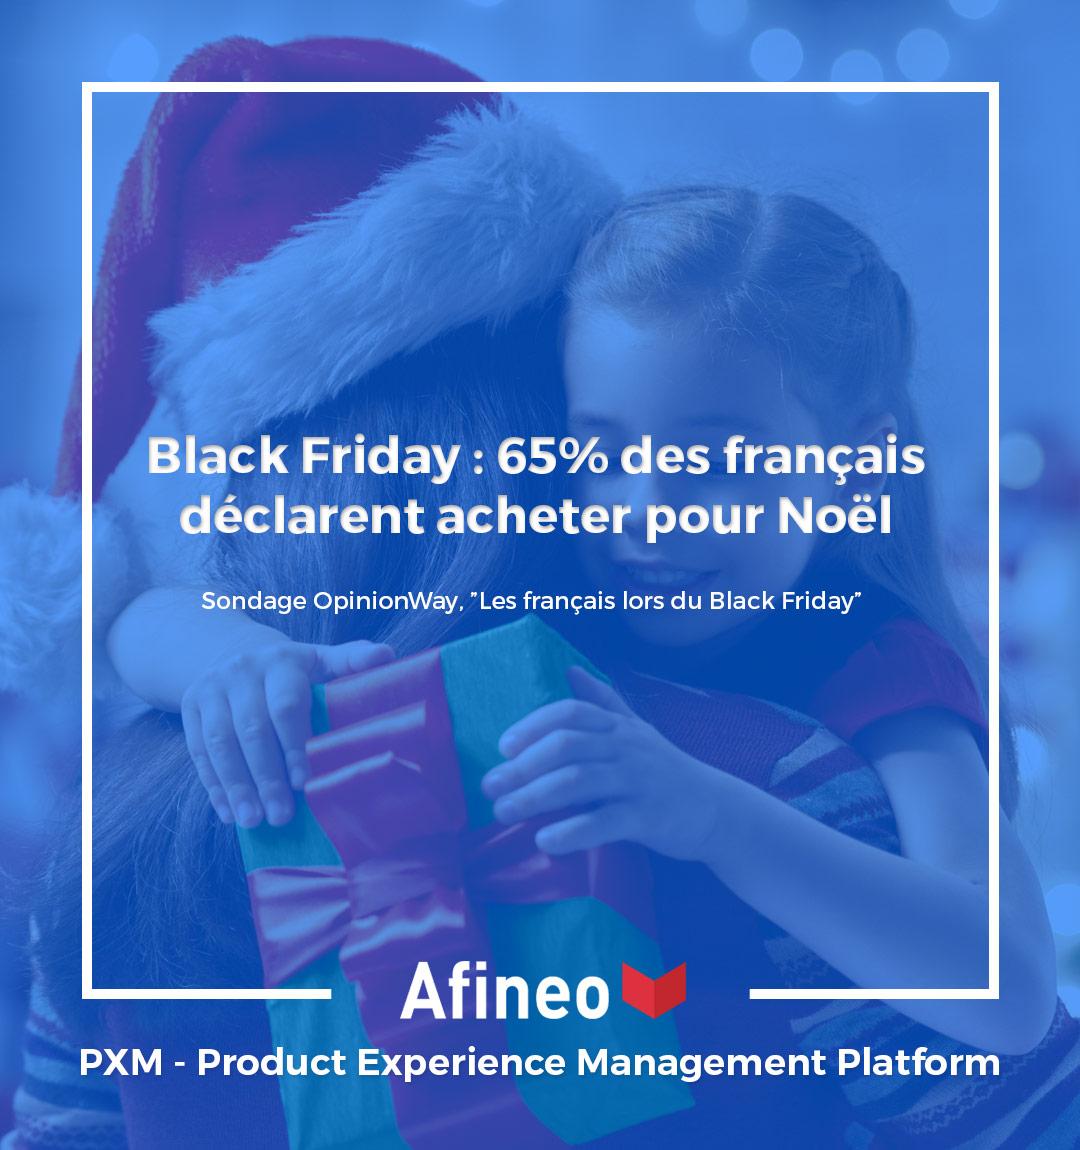 Black Friday : les achats pour Noël